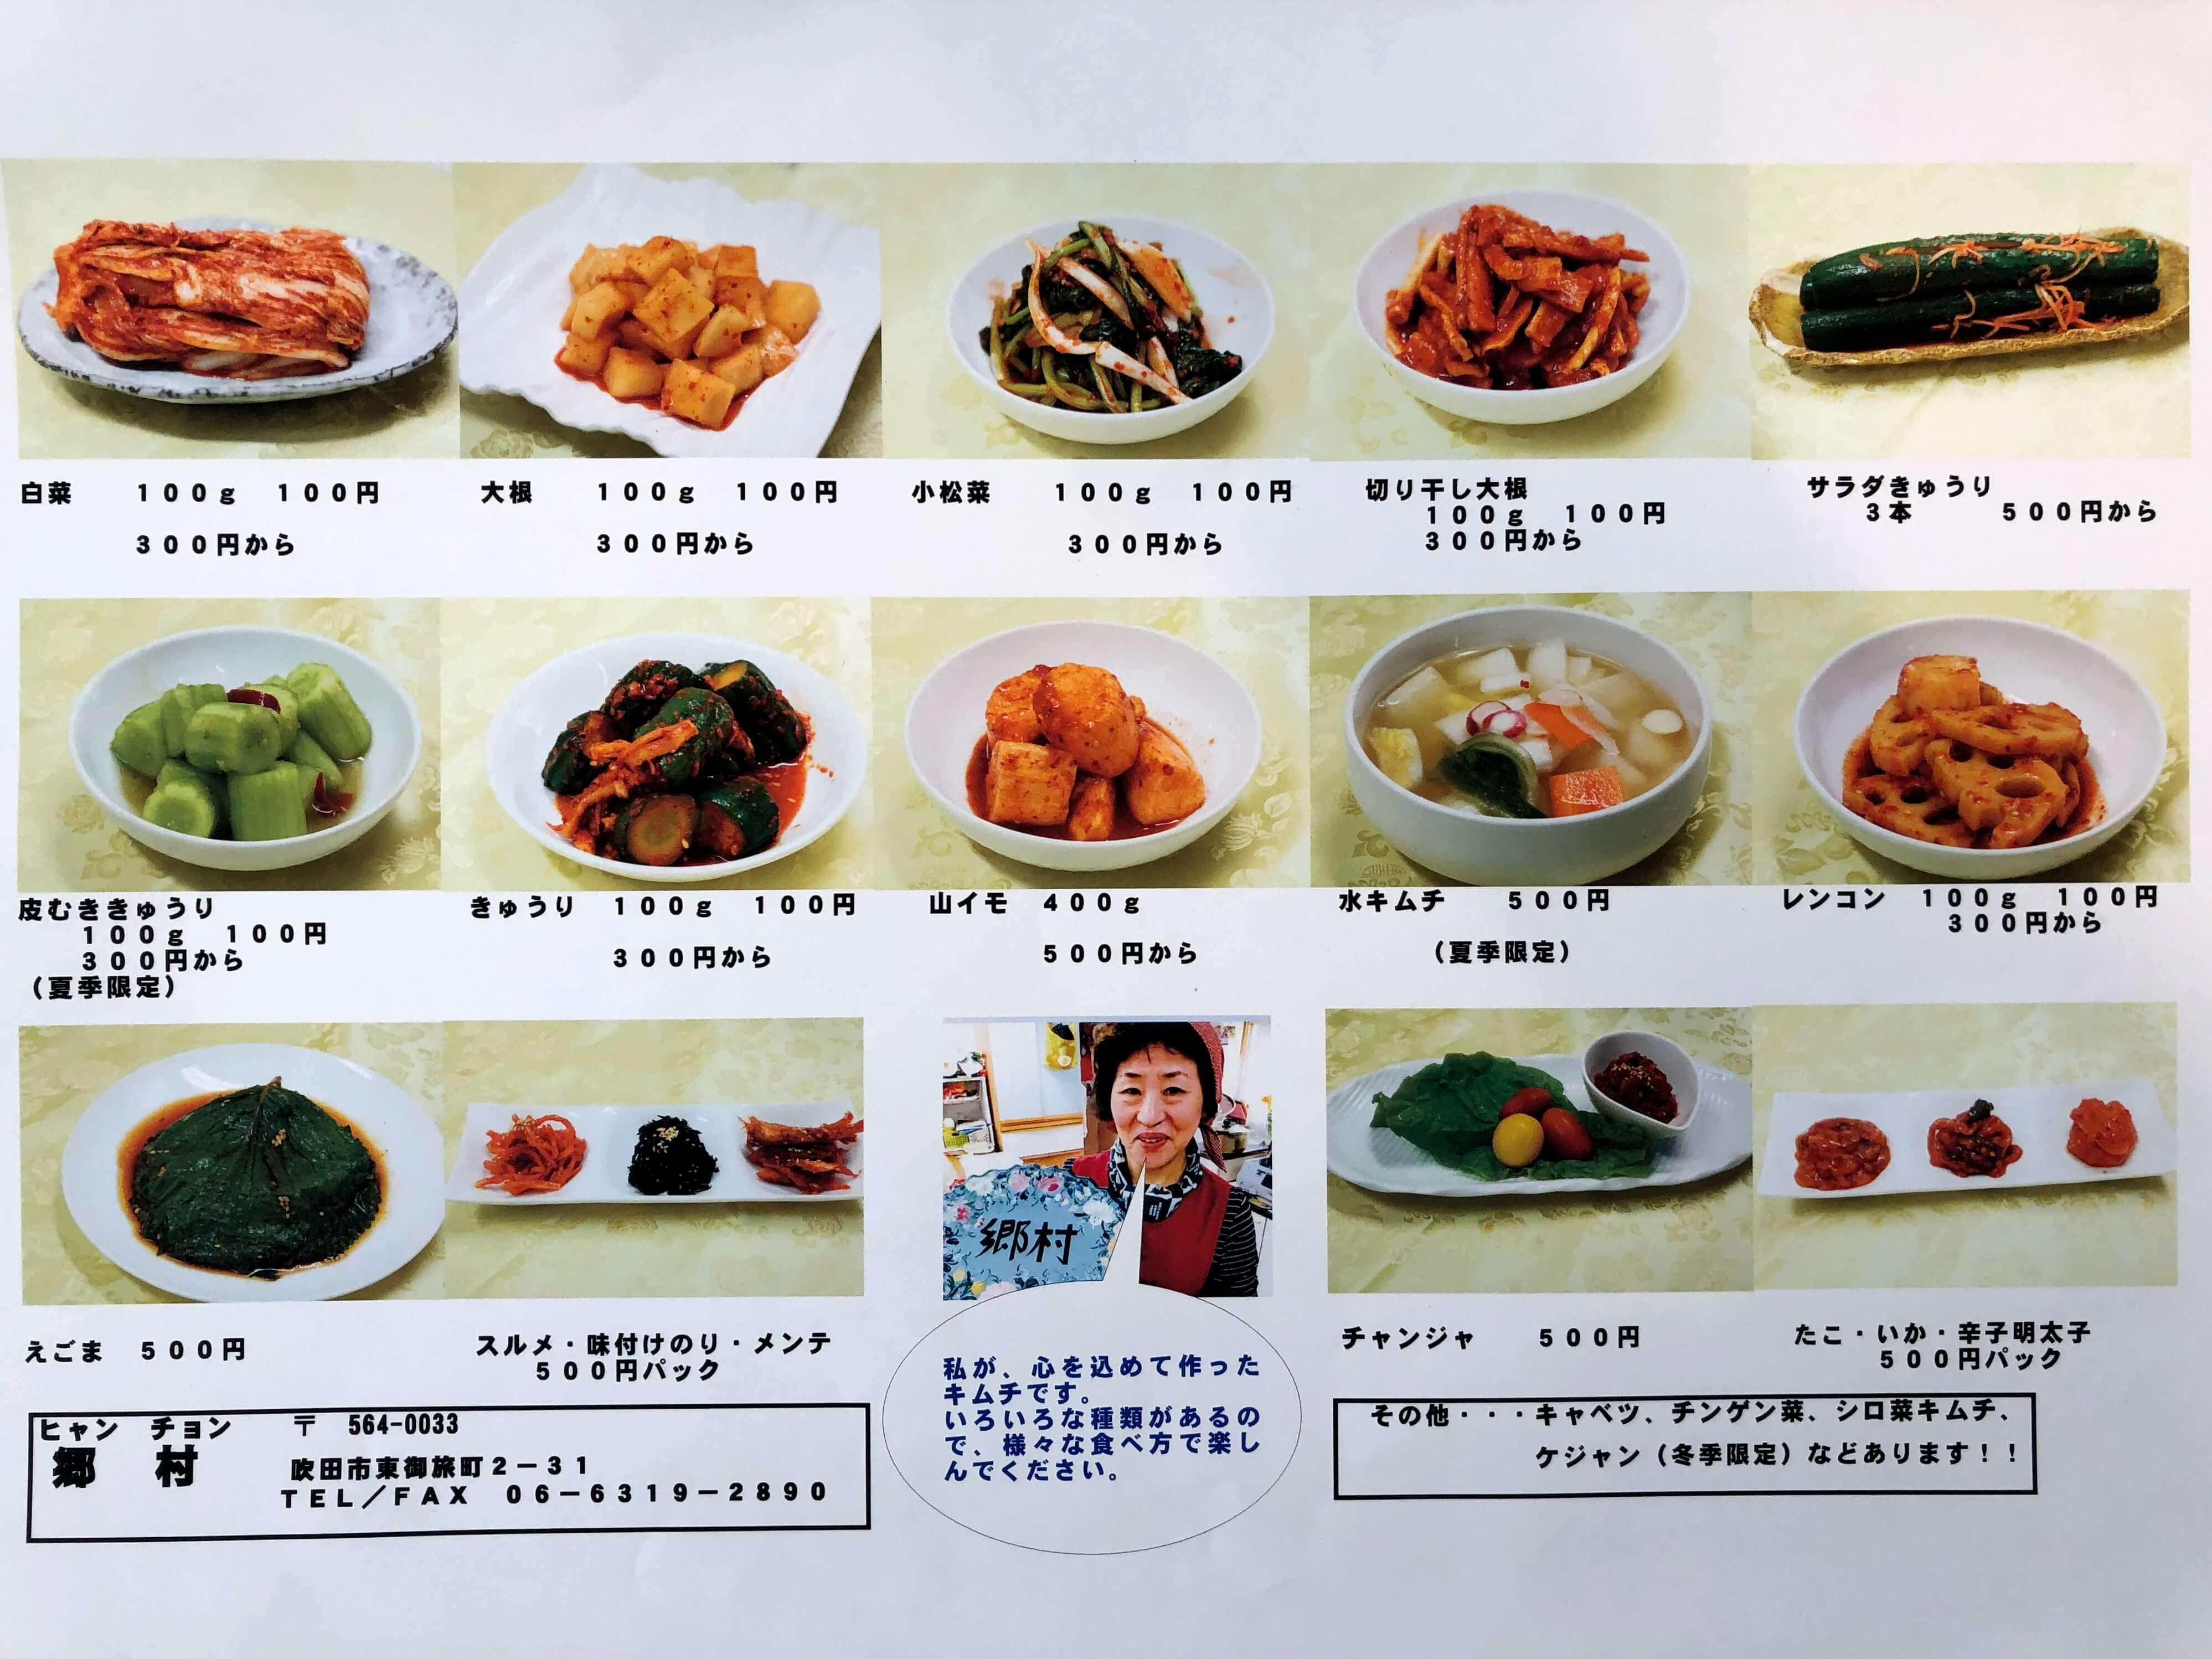 郷村(ヒャンチョン)のメニュー表